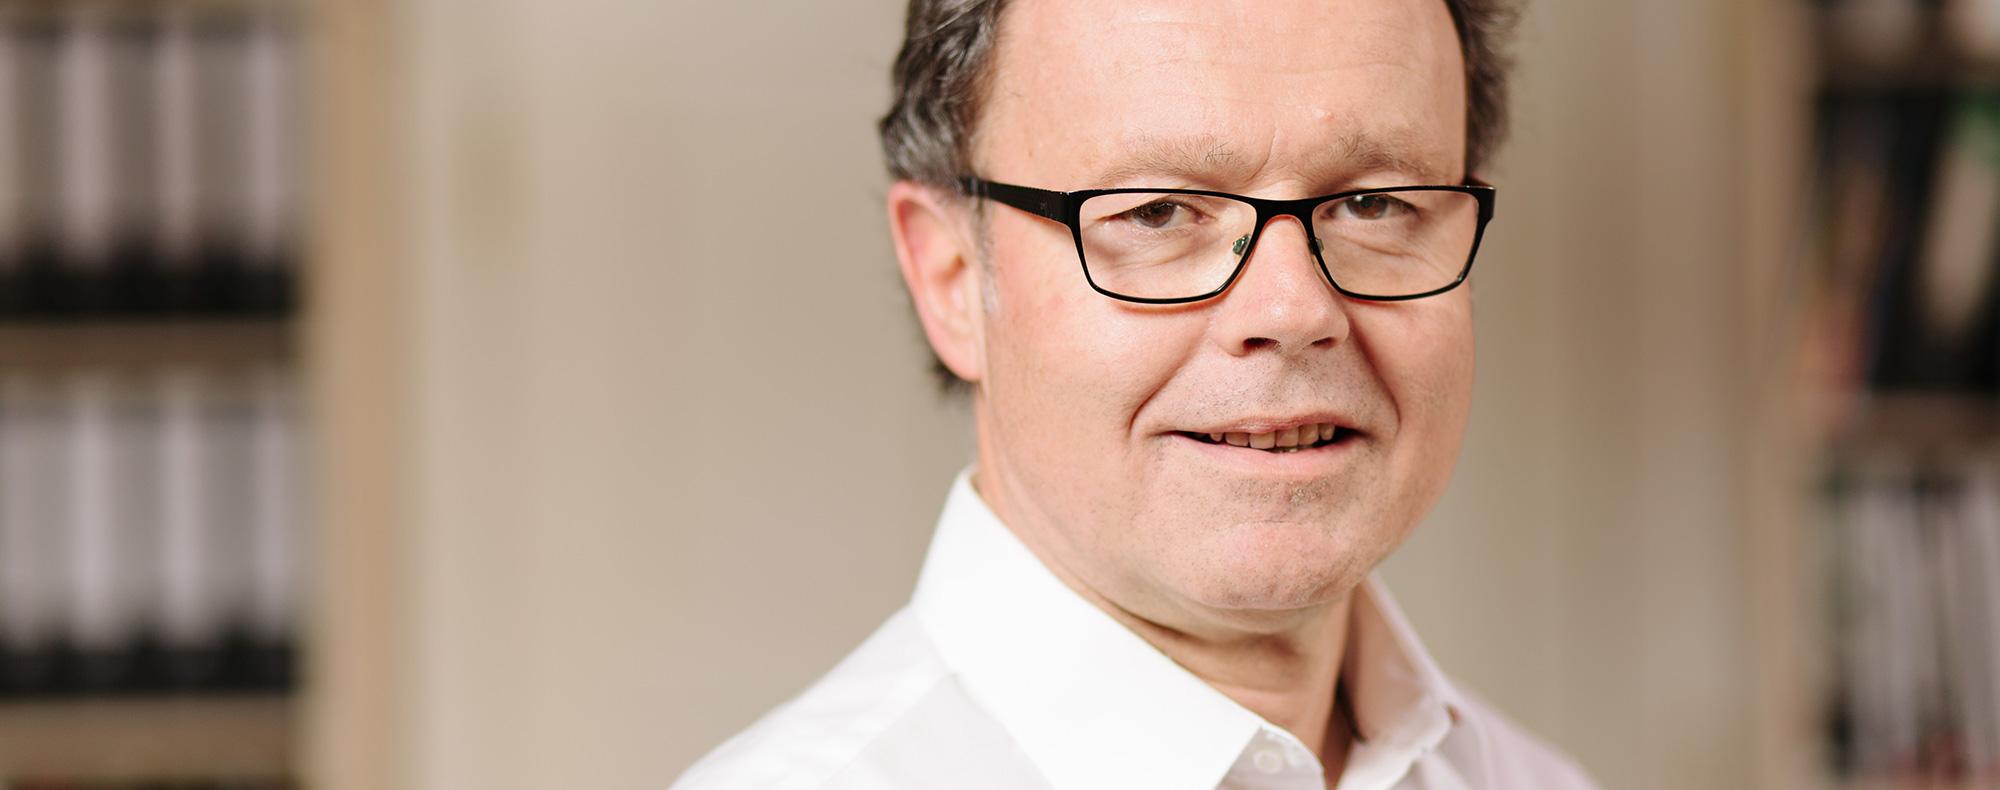 Udo Reihsner - Ingenieurbüro Reihsner, Neuerburg bei Wittlich